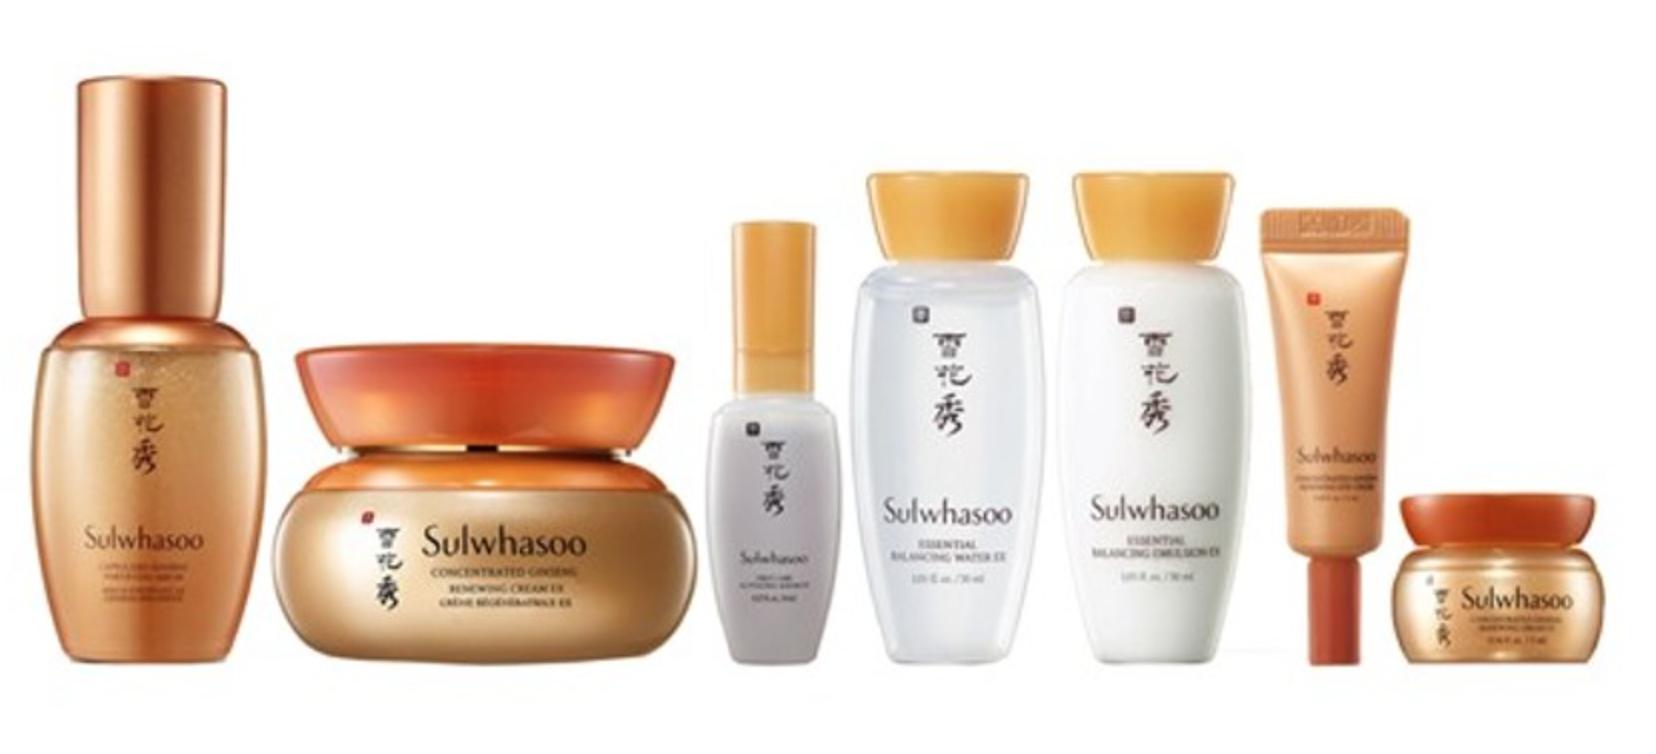 sulwhasoo-ginseng-collectino